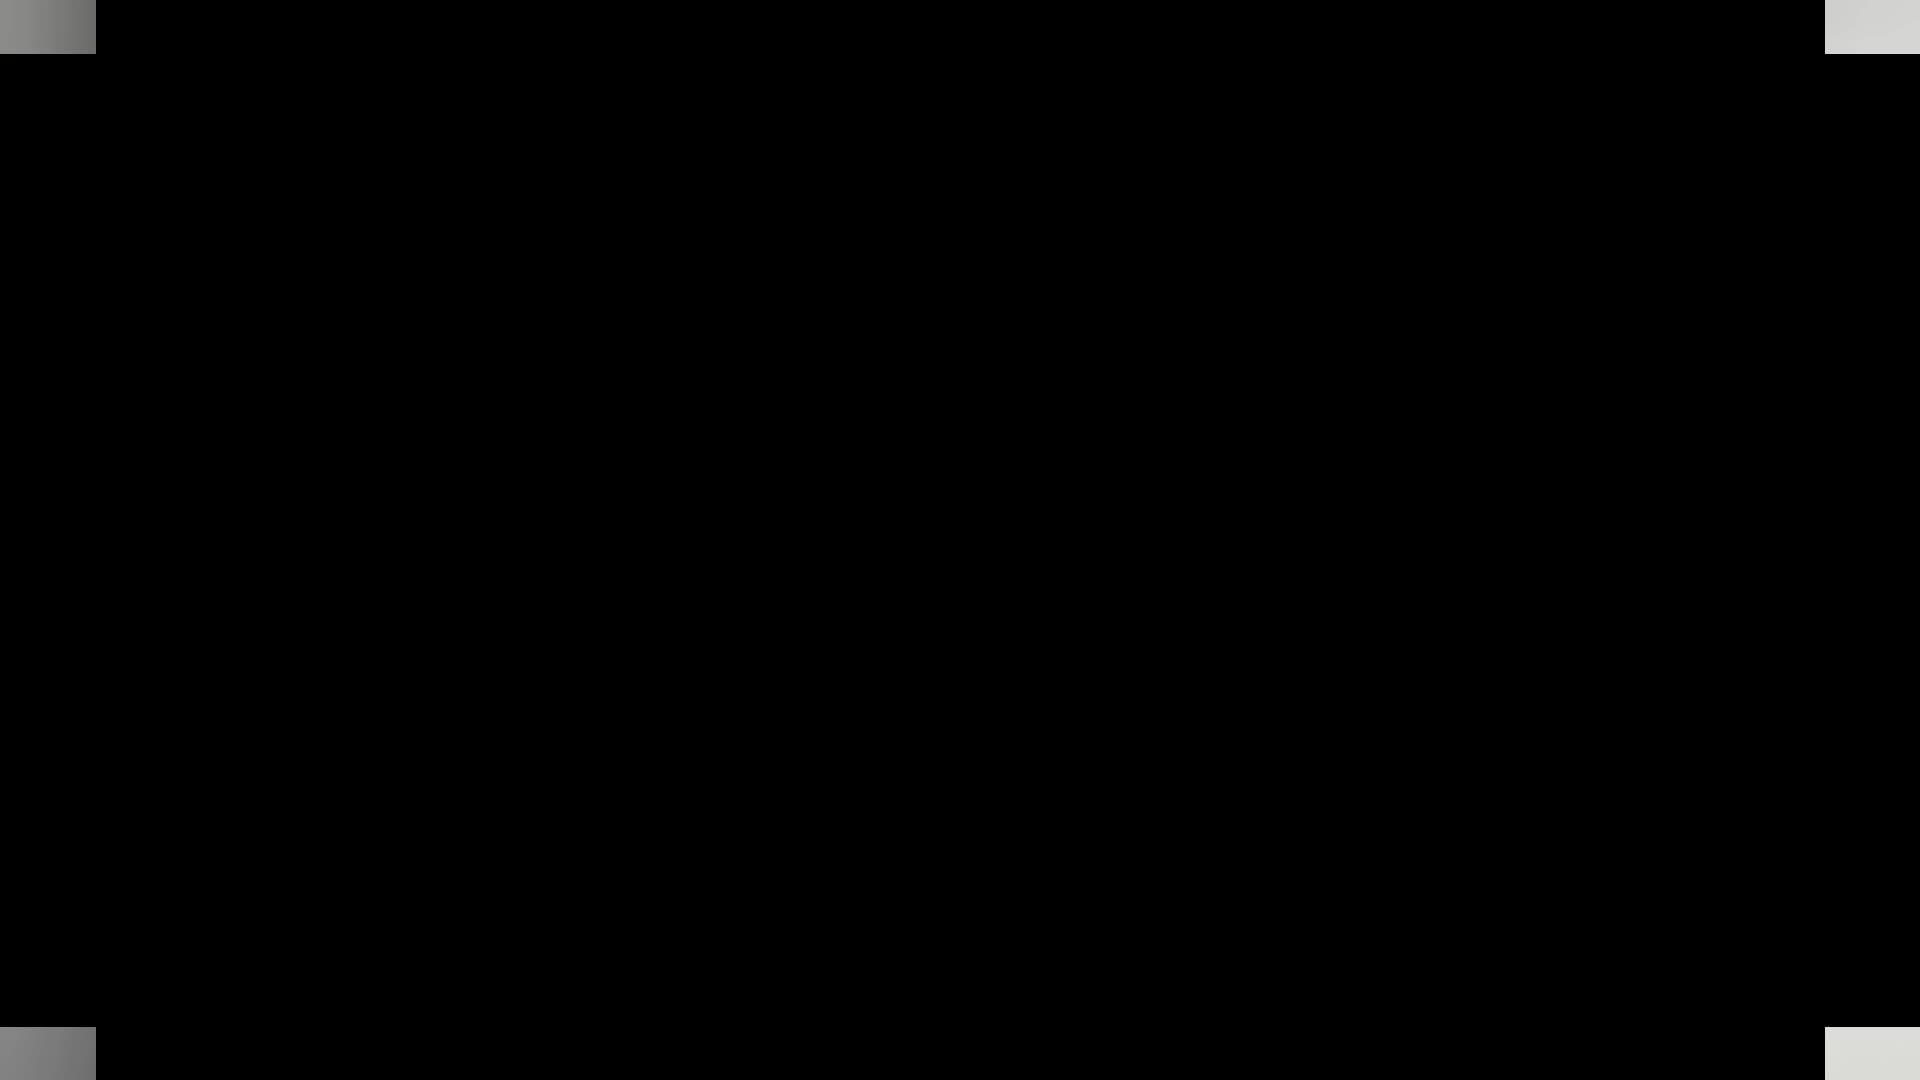 10 مللي متر السائبة الجملة الأبيض الأسود شقة القطن البوليستر أربطة الحذاء الدانتيل للبيع الملونة